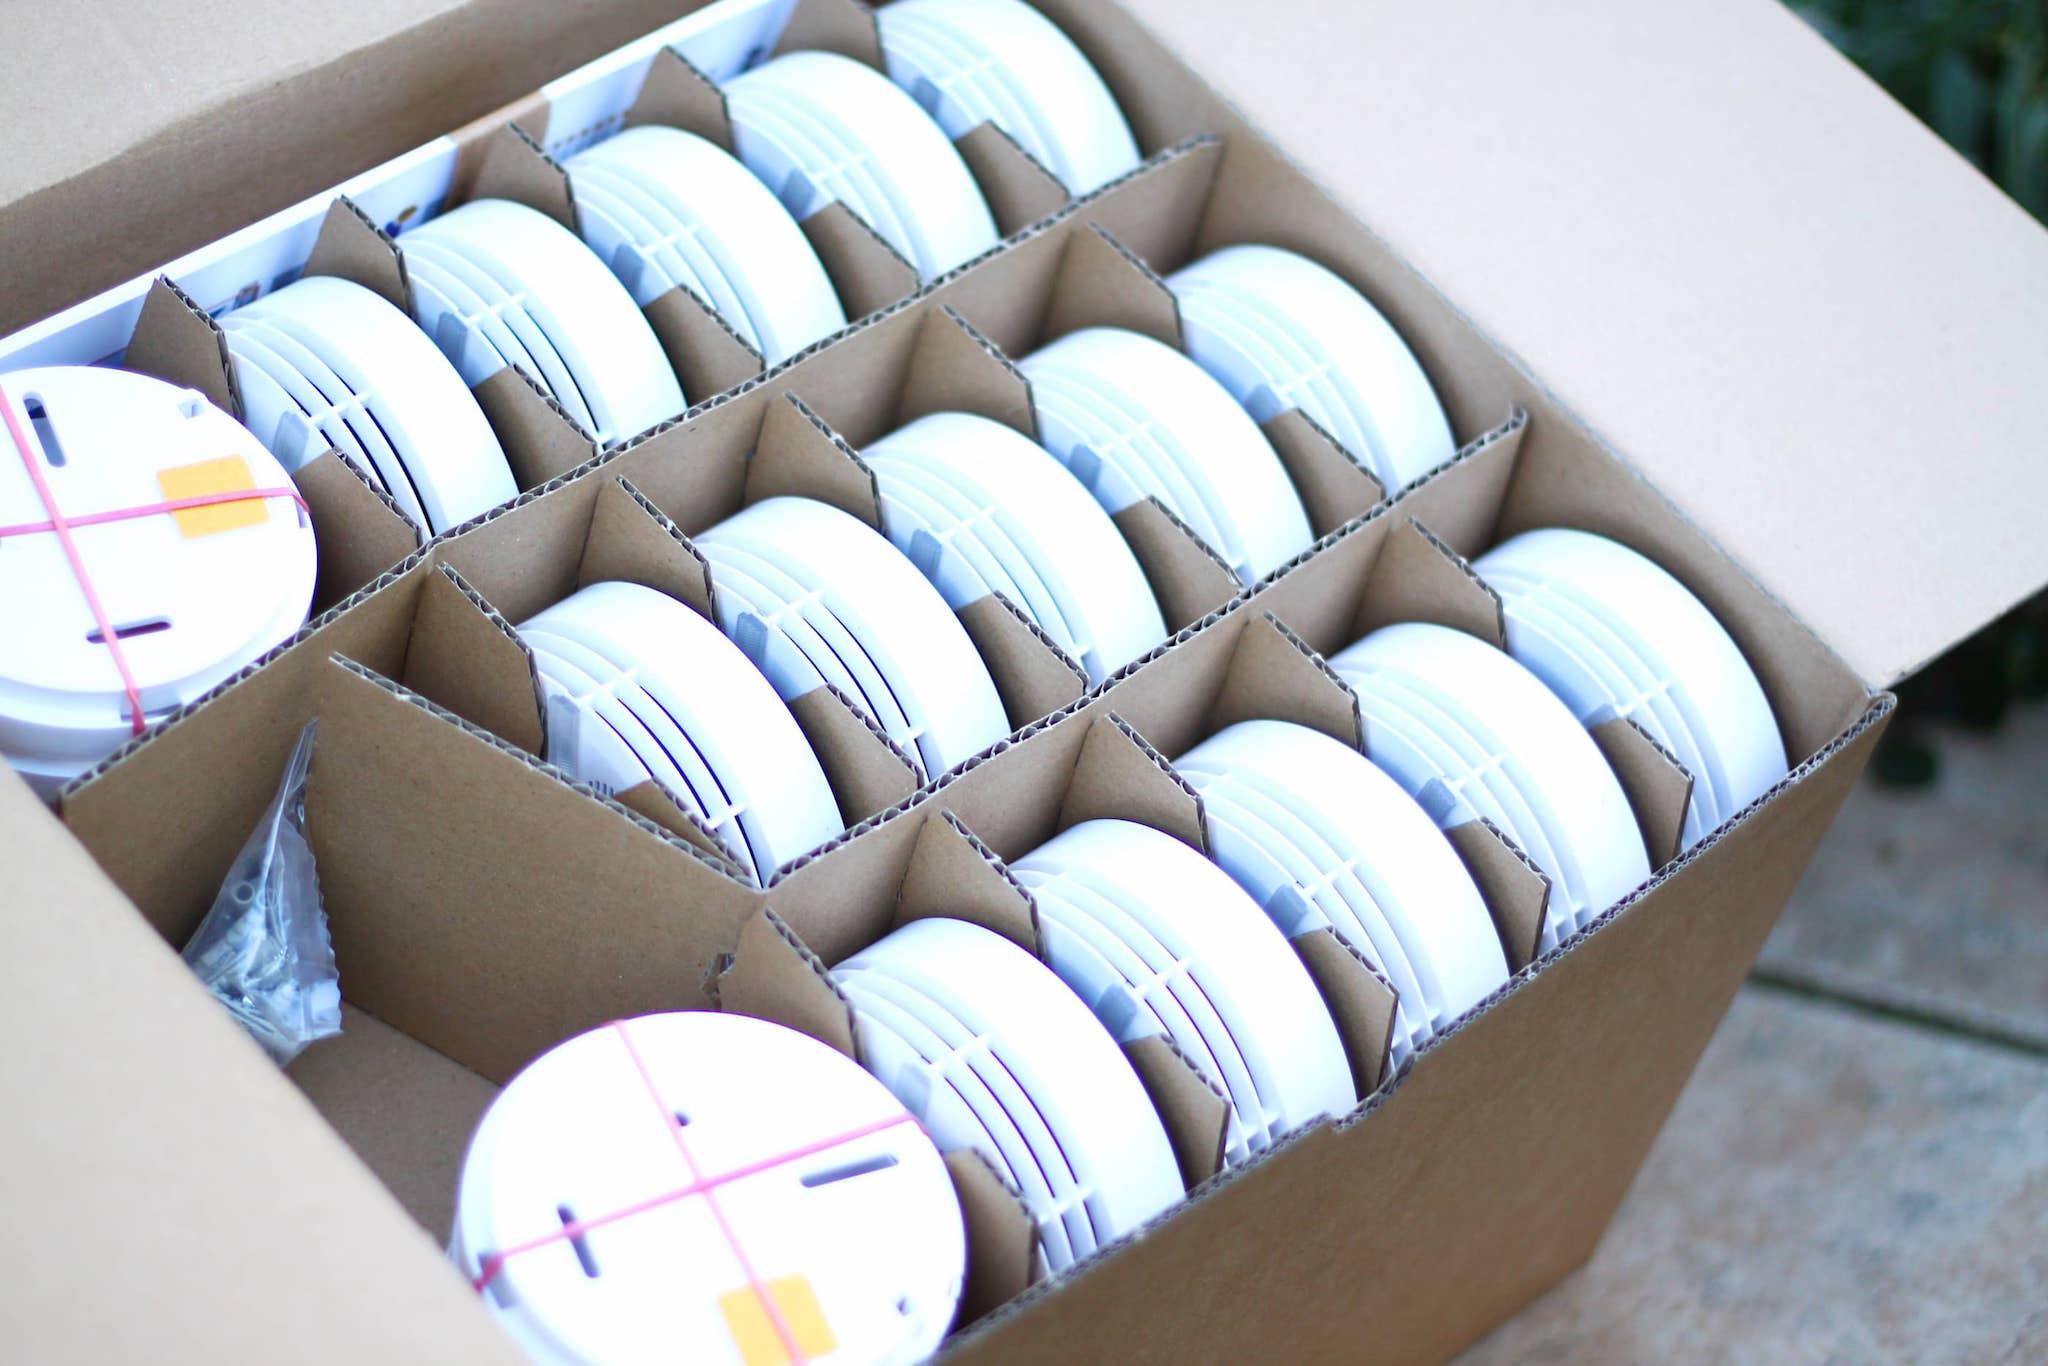 Zur Rauchmelderberatung - Lieferung von verschiedenen Heckatron Rauchmelder noch in der Verpackung